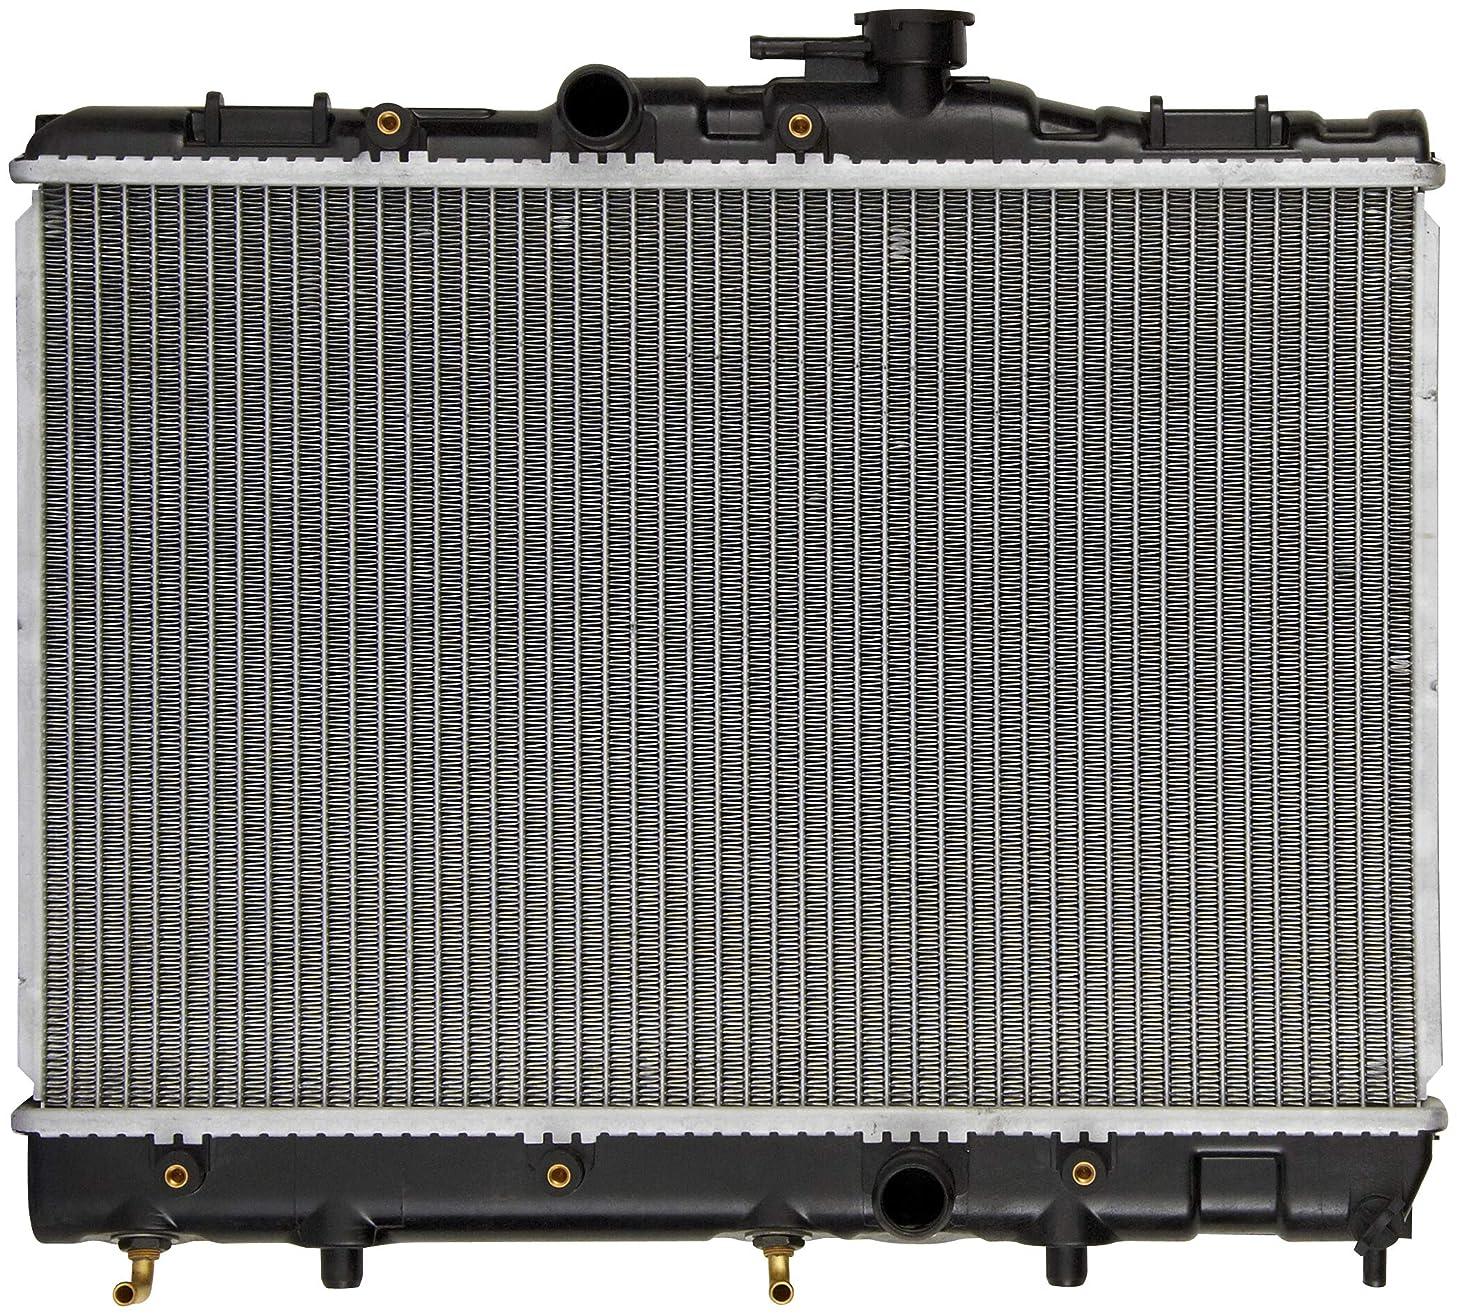 Spectra Premium CU109 Complete Radiator